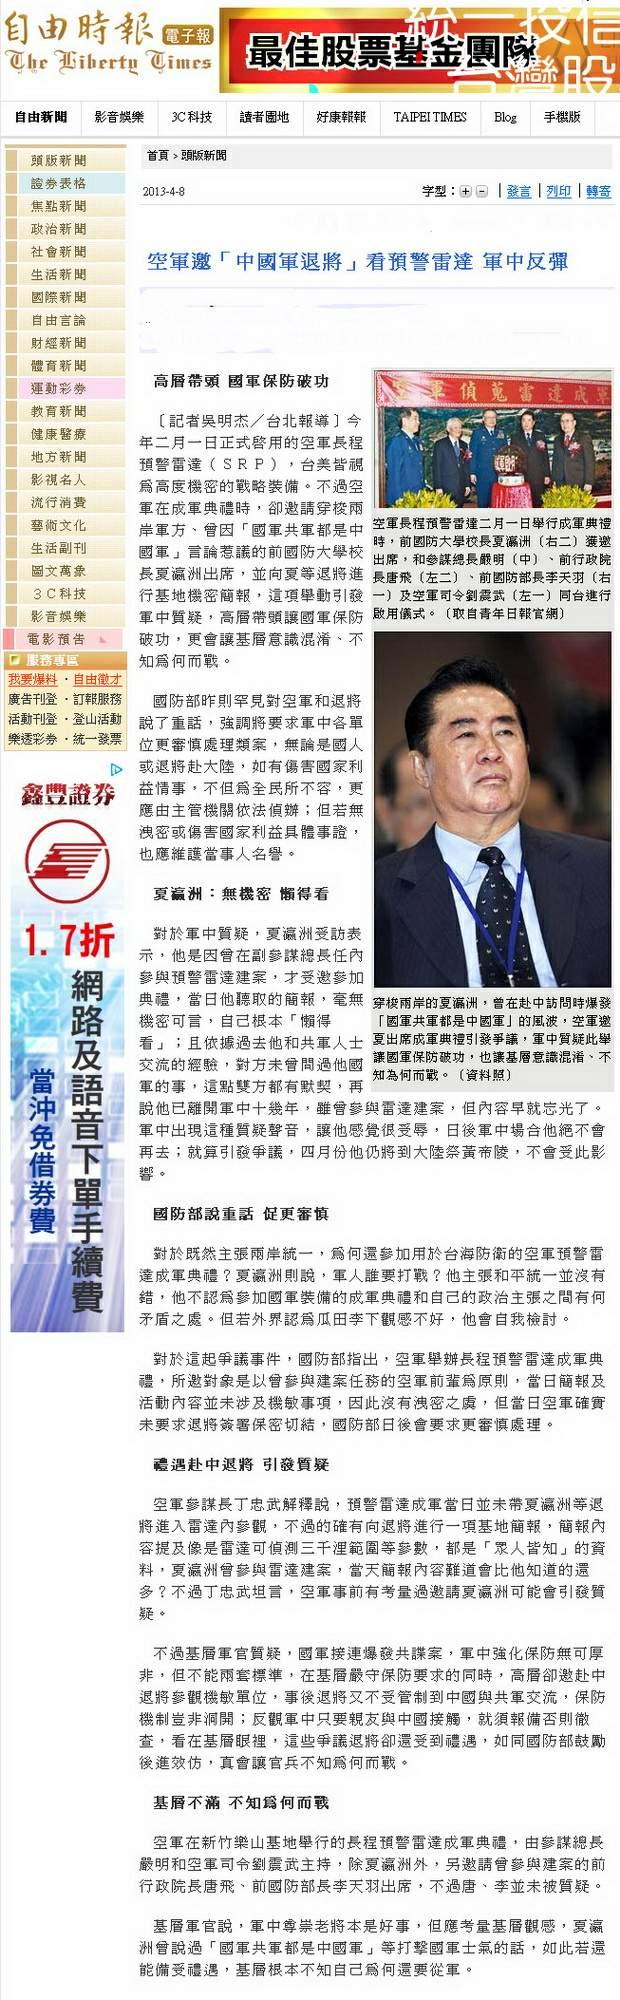 空軍邀「中國軍退將」看預警雷達 軍中反彈-2013.04.08-01